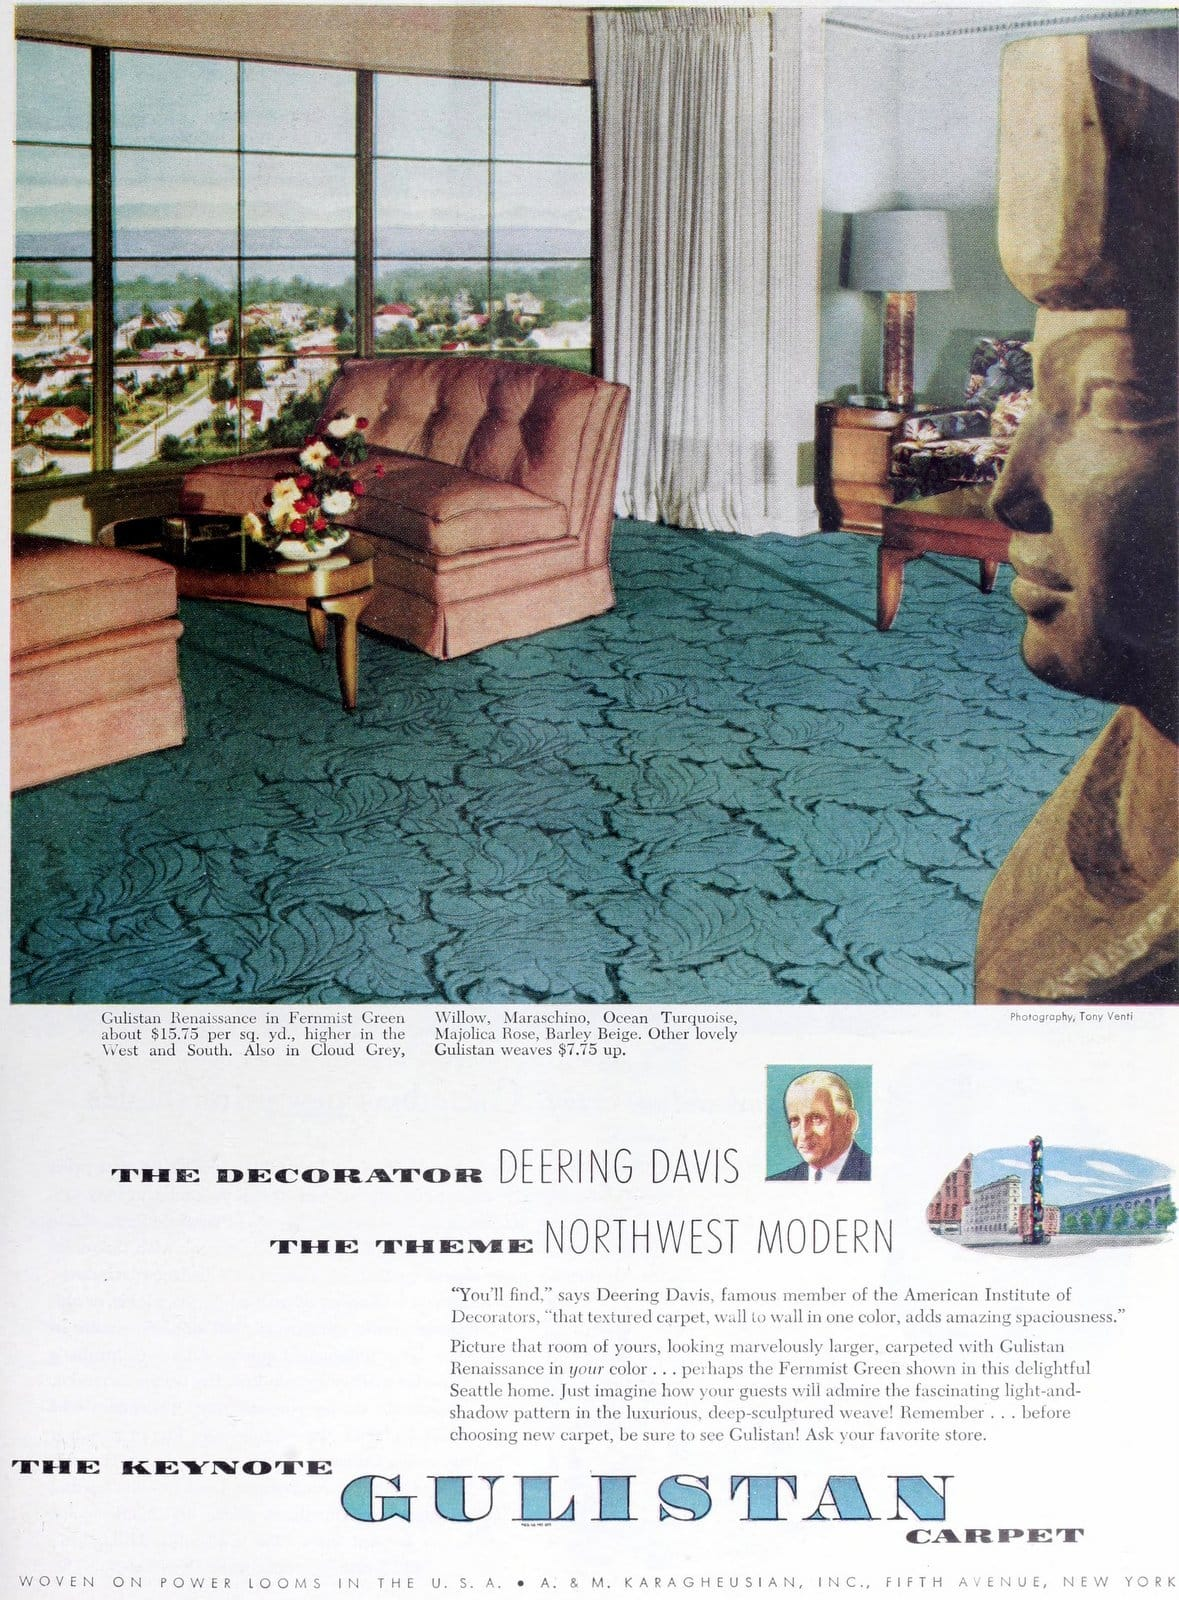 Vintage Fernmist Green leaf-pattern carpet (1949)